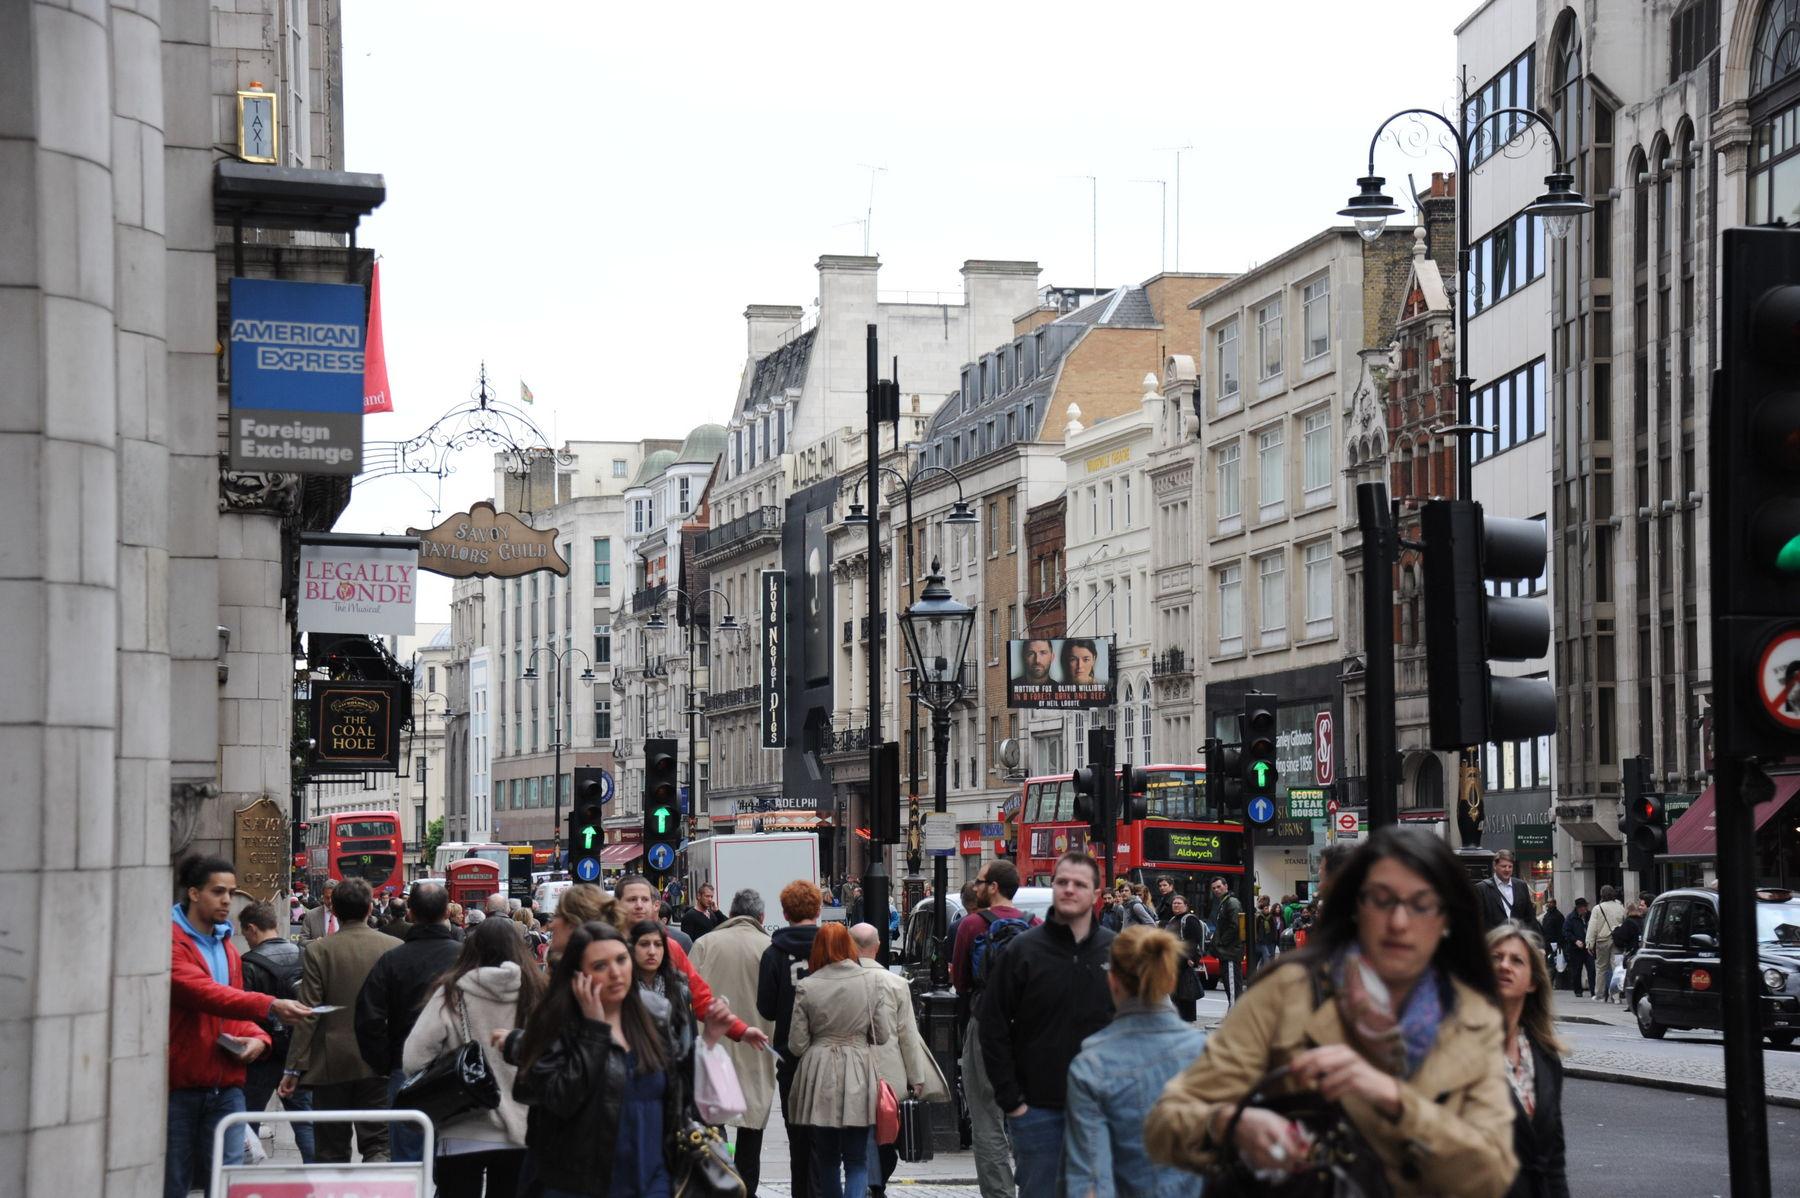 Busy London Street Scene | Nikonians